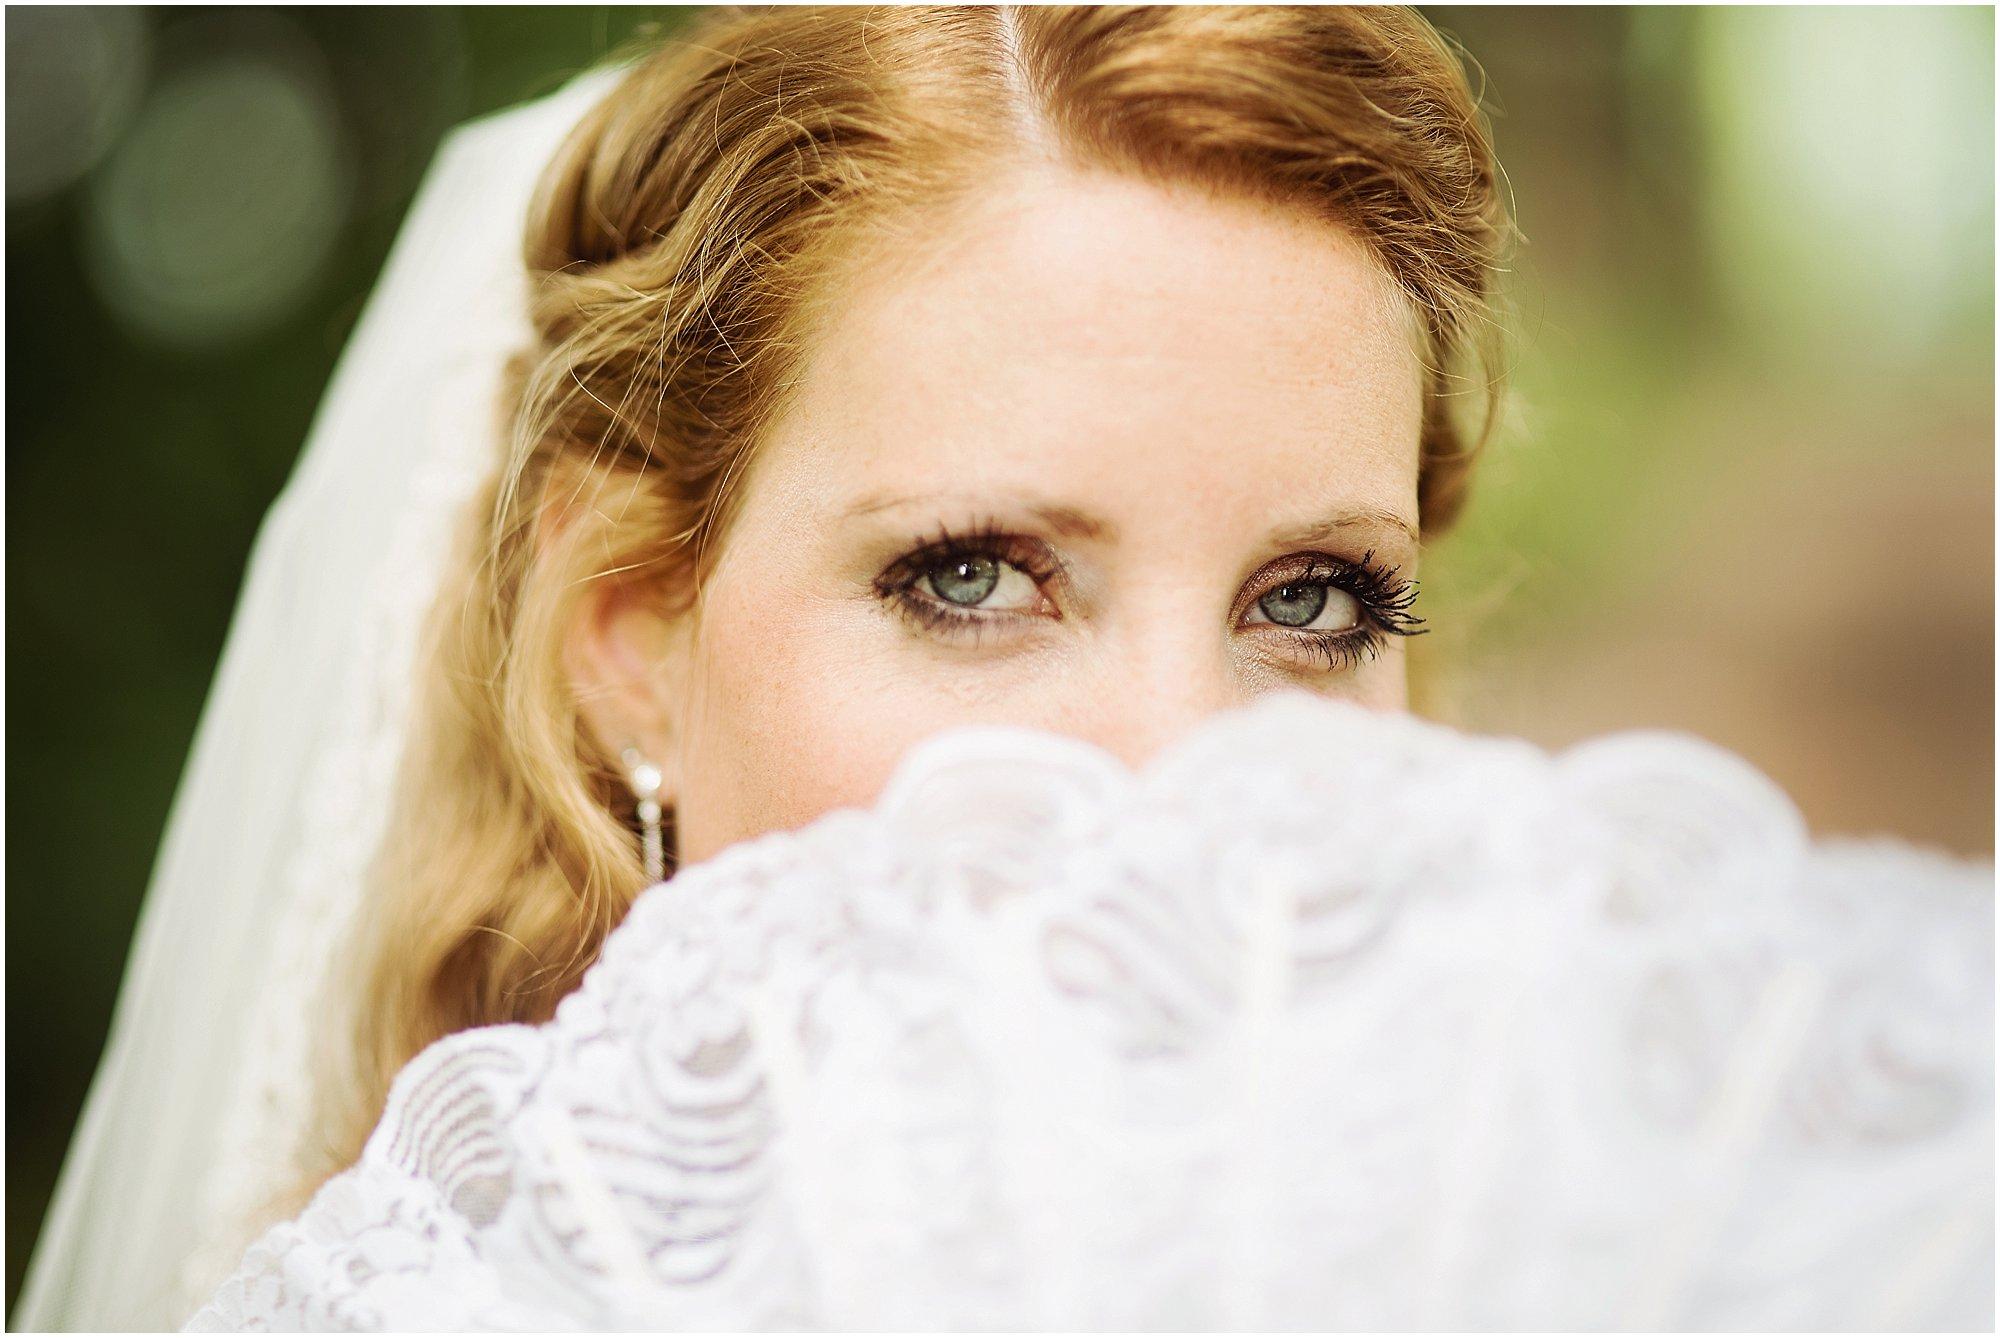 bruidsreportage Overijssel, bruidsreportage Enschede, bruidsreportage het Everloo, bruidsfotograaf Overijssel, bruidsfotograaf Enschede, bruidsfotograaf Everloo, bruidsfotografie journalistiek, emotie, moment, hip, bohemian, romantisch, romantische trouwfoto's, hippe trouwfoto's, hippe fotograaf, trouwfoto Enschede, trouwfoto Everloo, trouwen everloo